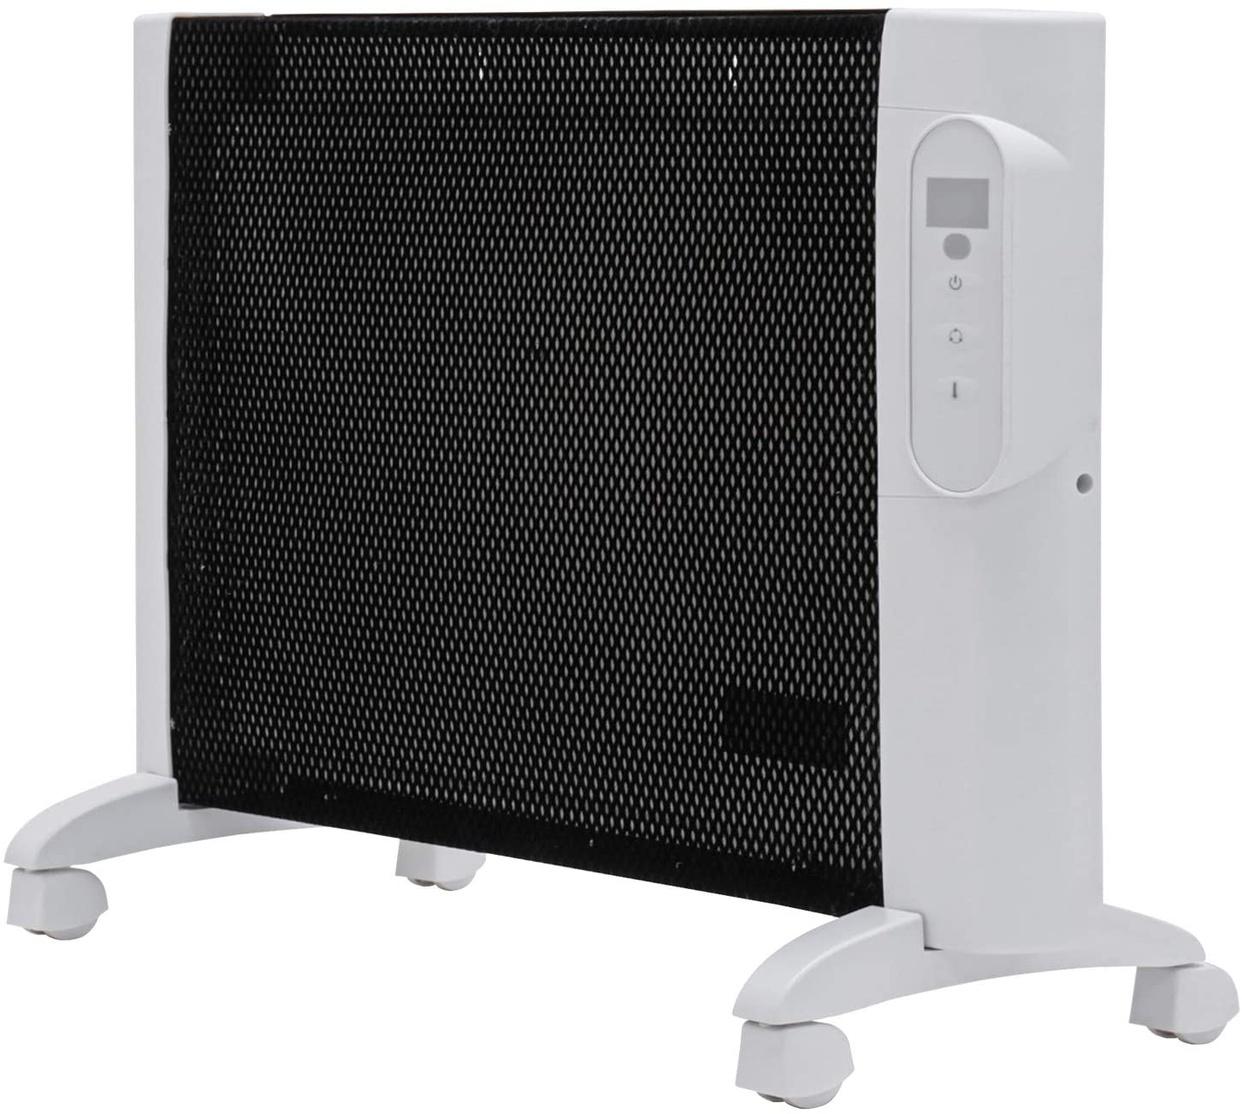 MODERN DECO(モダンデコ) SUNRIZE マイカパネルヒーターの商品画像